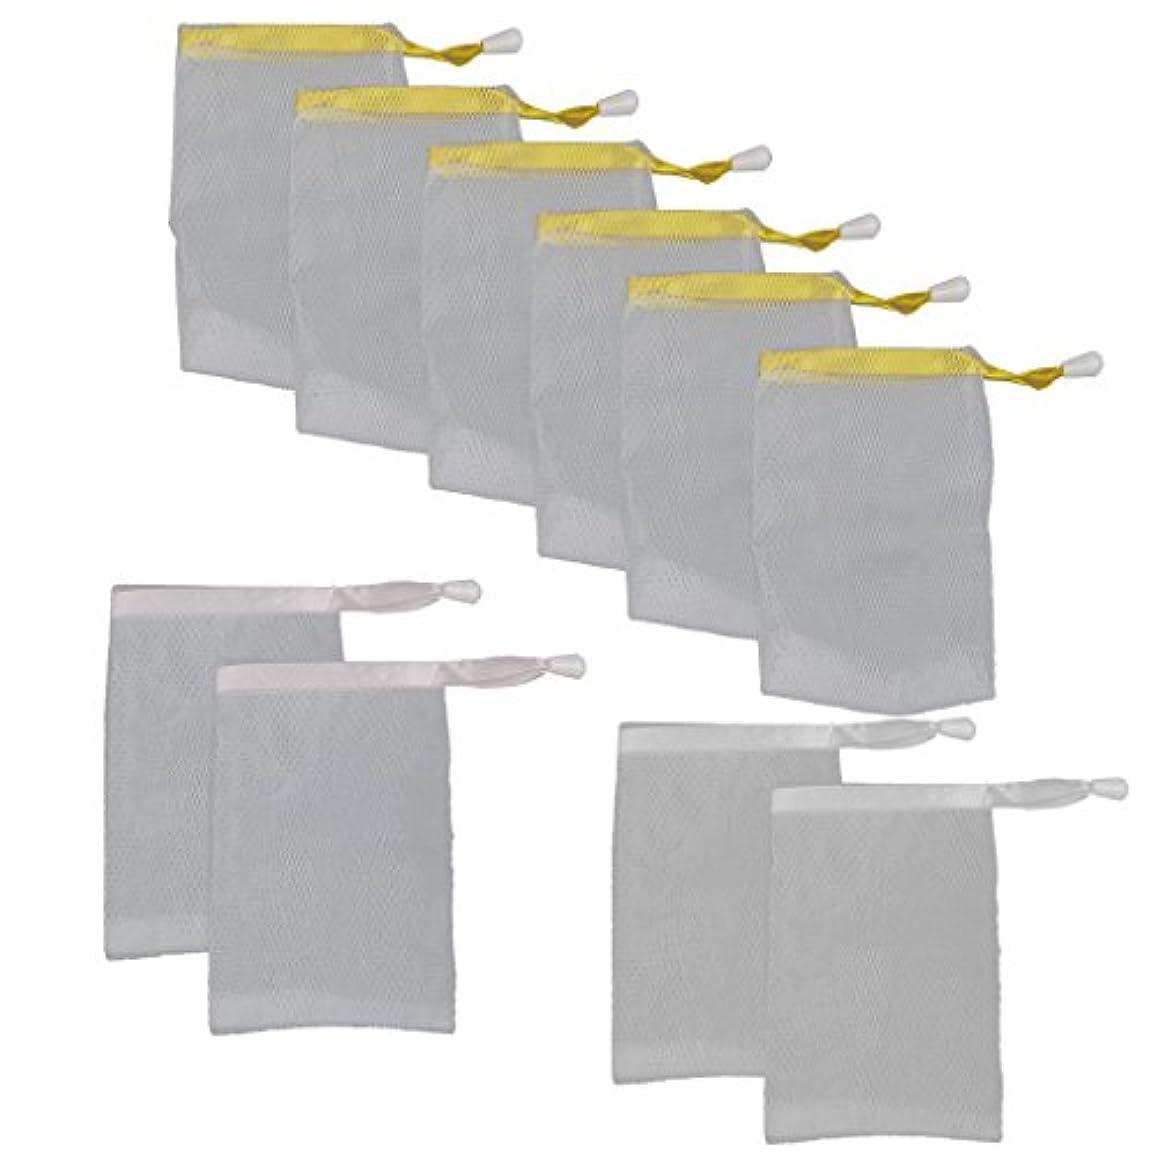 危険を冒しますインセンティブ処理するメッシュ製 泡立て ホイップ 石鹸 ポーチ ネット ホルダー 巾着バッグ 10個